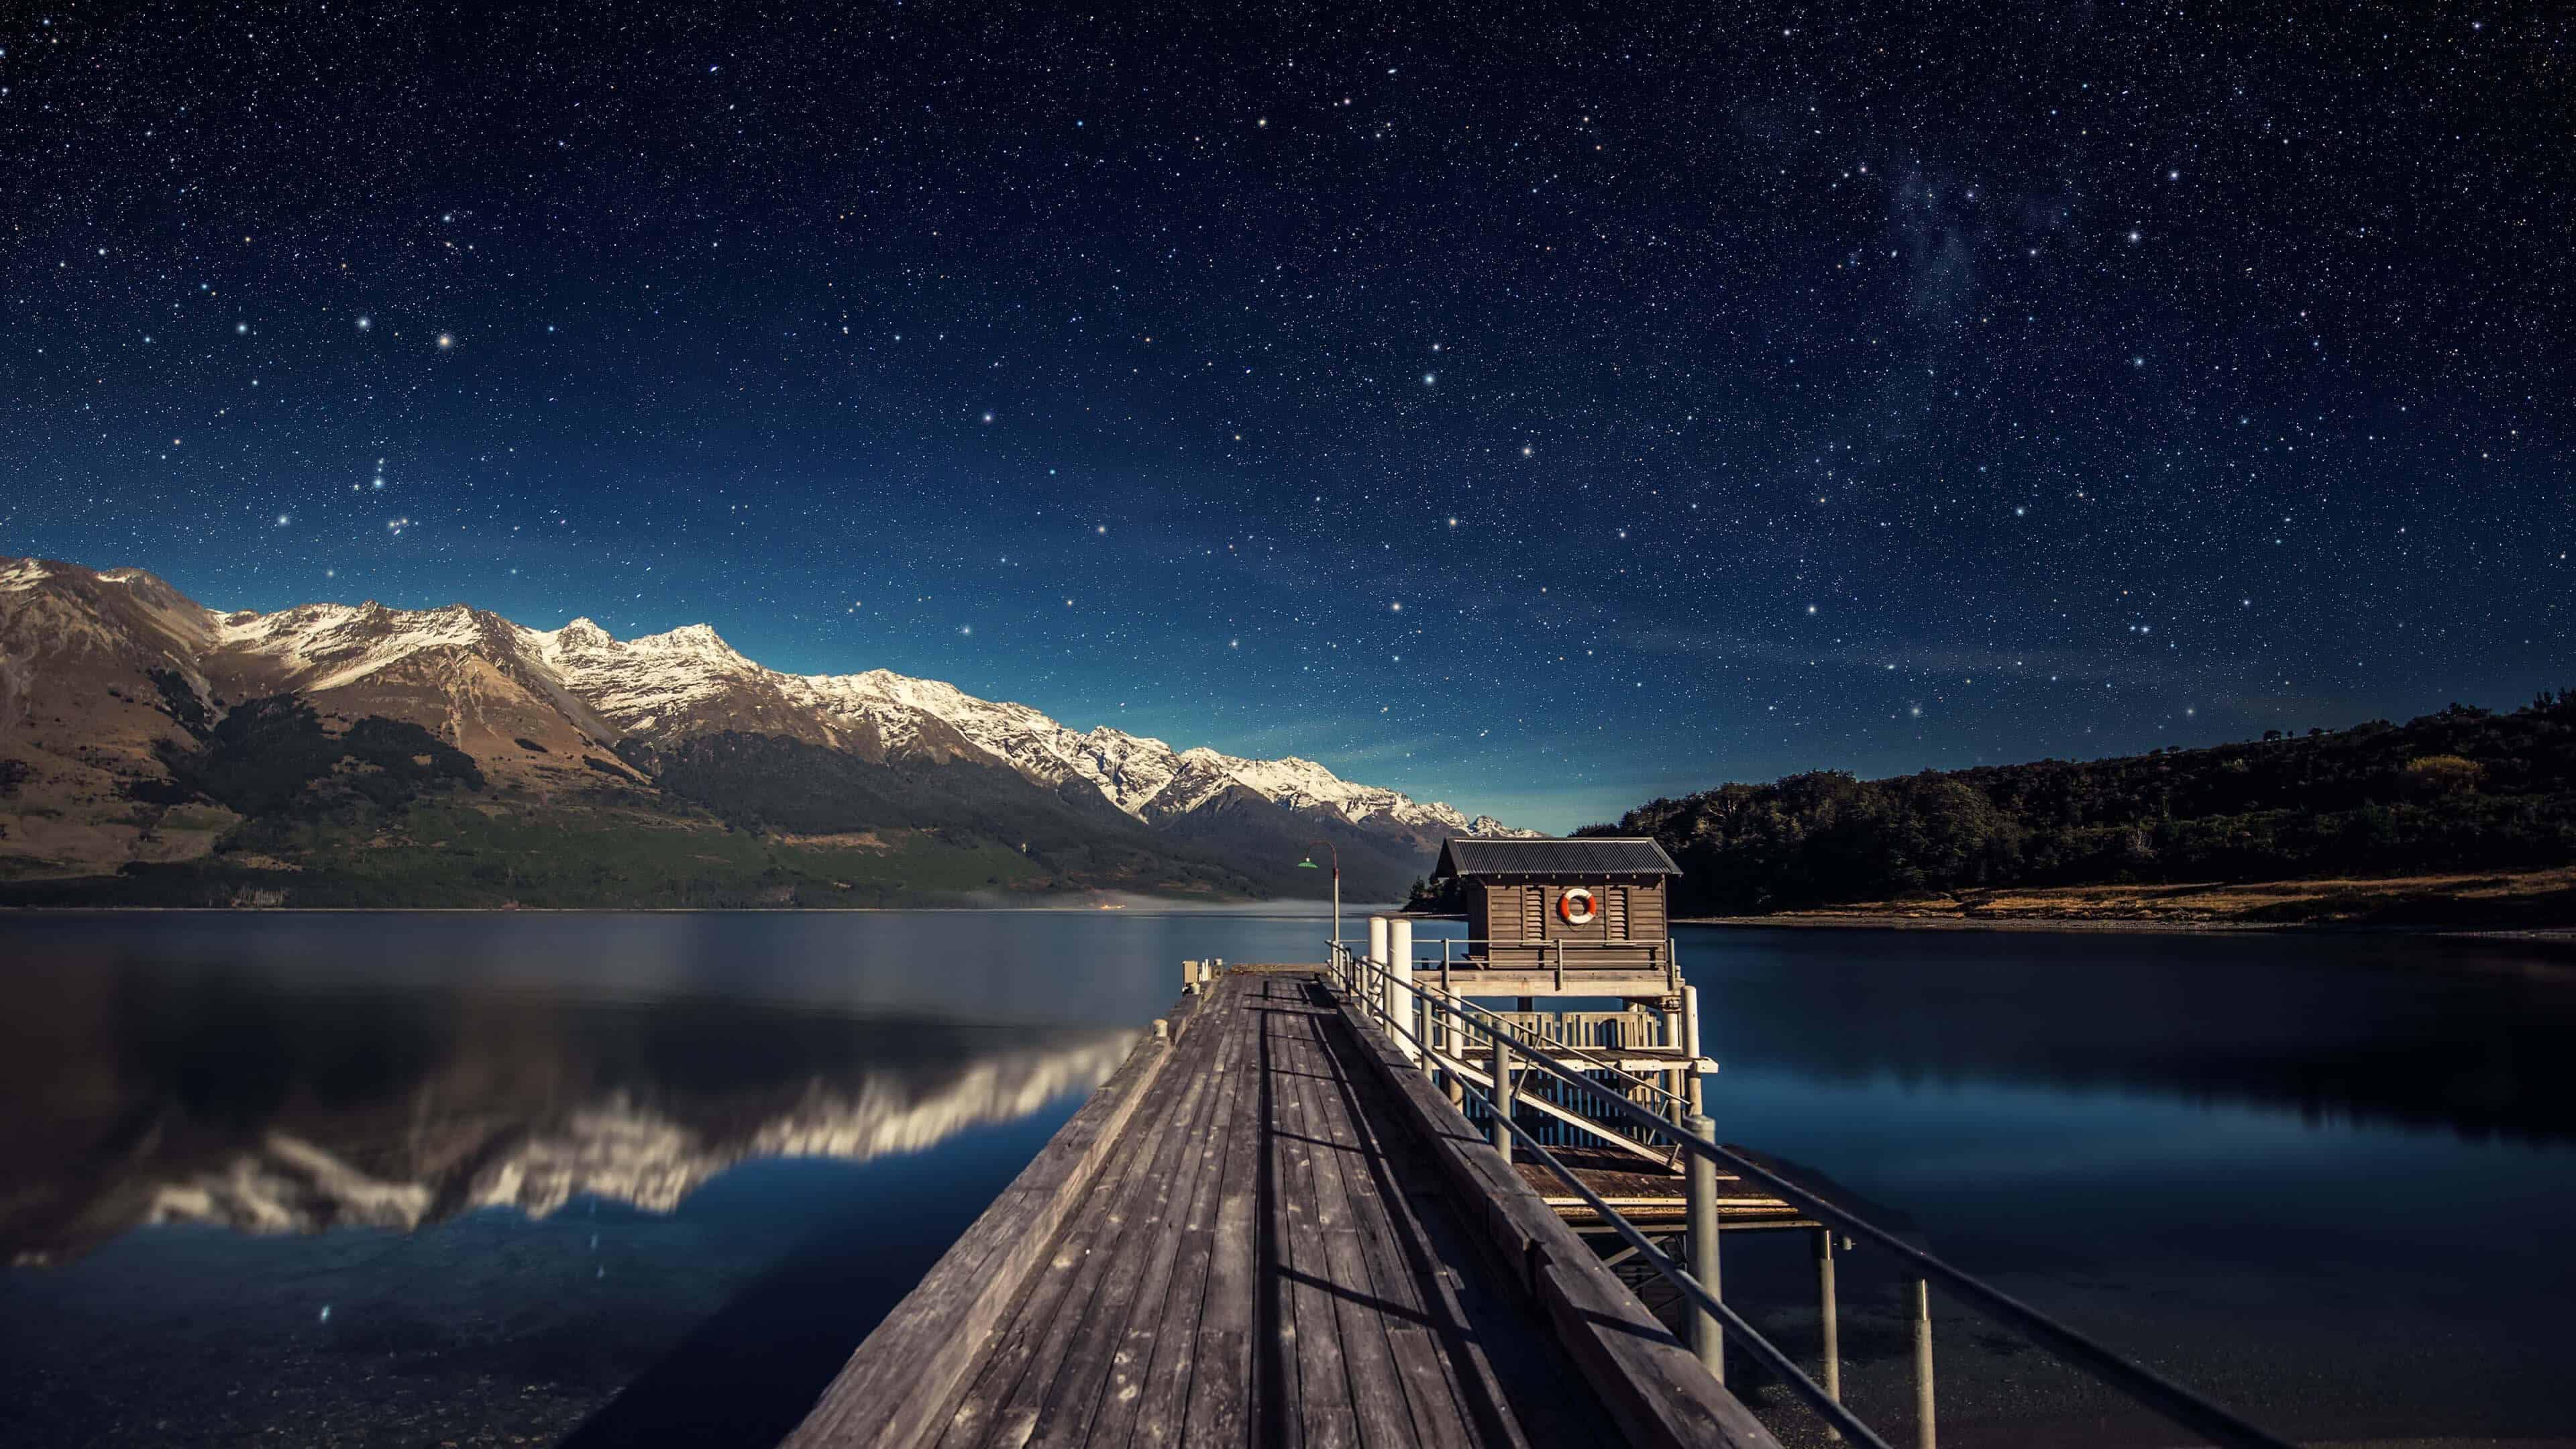 night sky lake wakatipu queenstown new zealand uhd 4k wallpaper